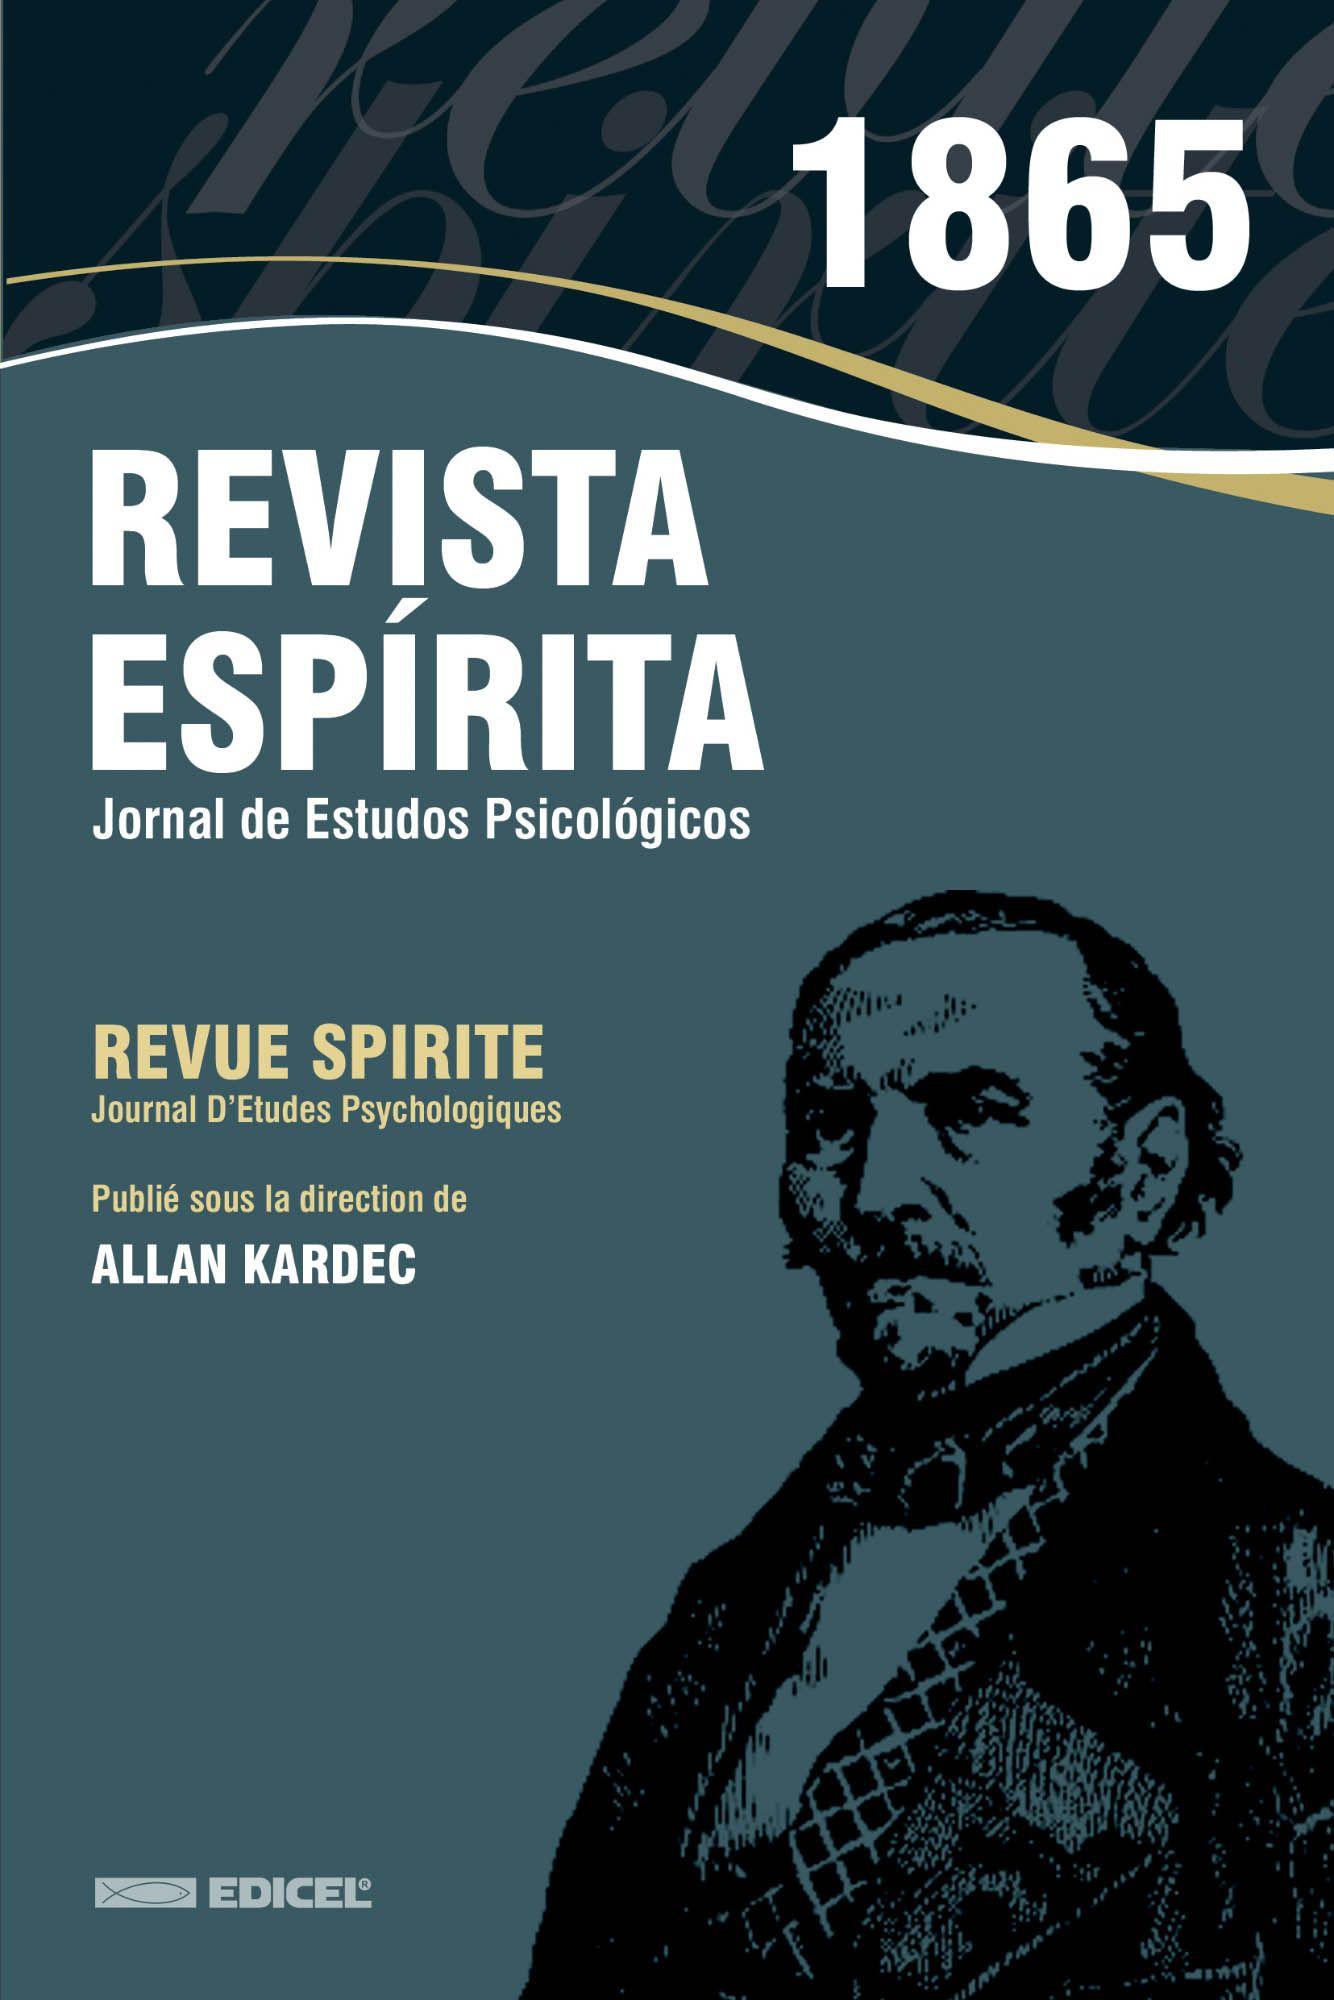 Allan Kardec | Revista Espírita 1865